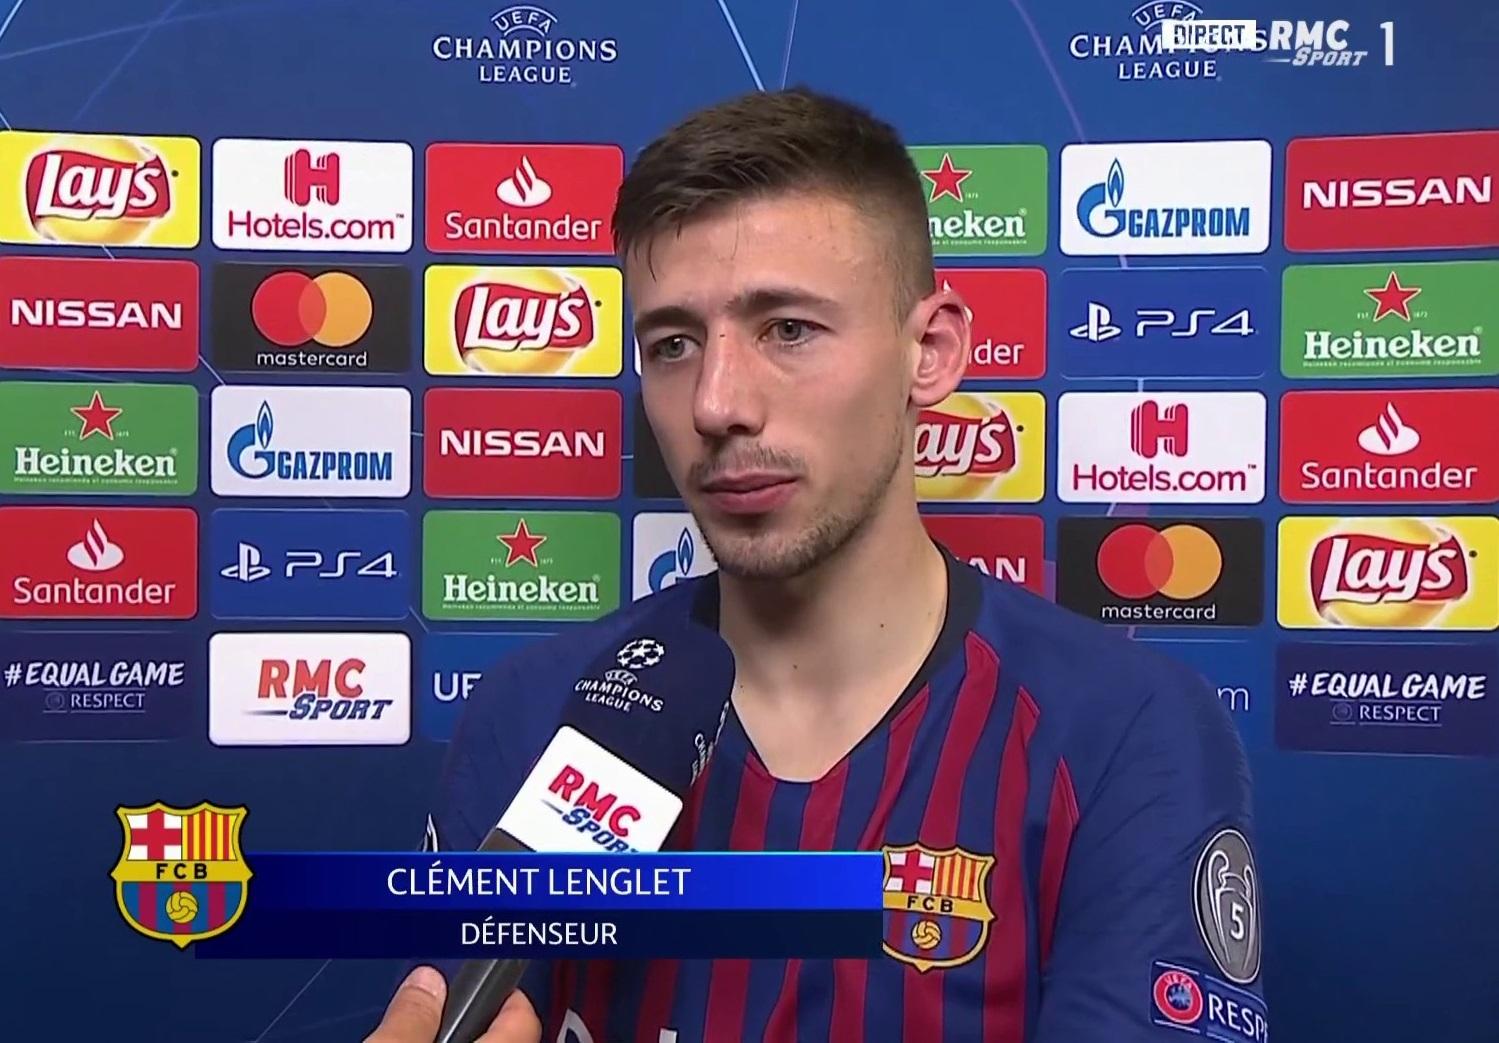 朗格莱:我每次都说梅西世界最佳,因此我们是有先天优势